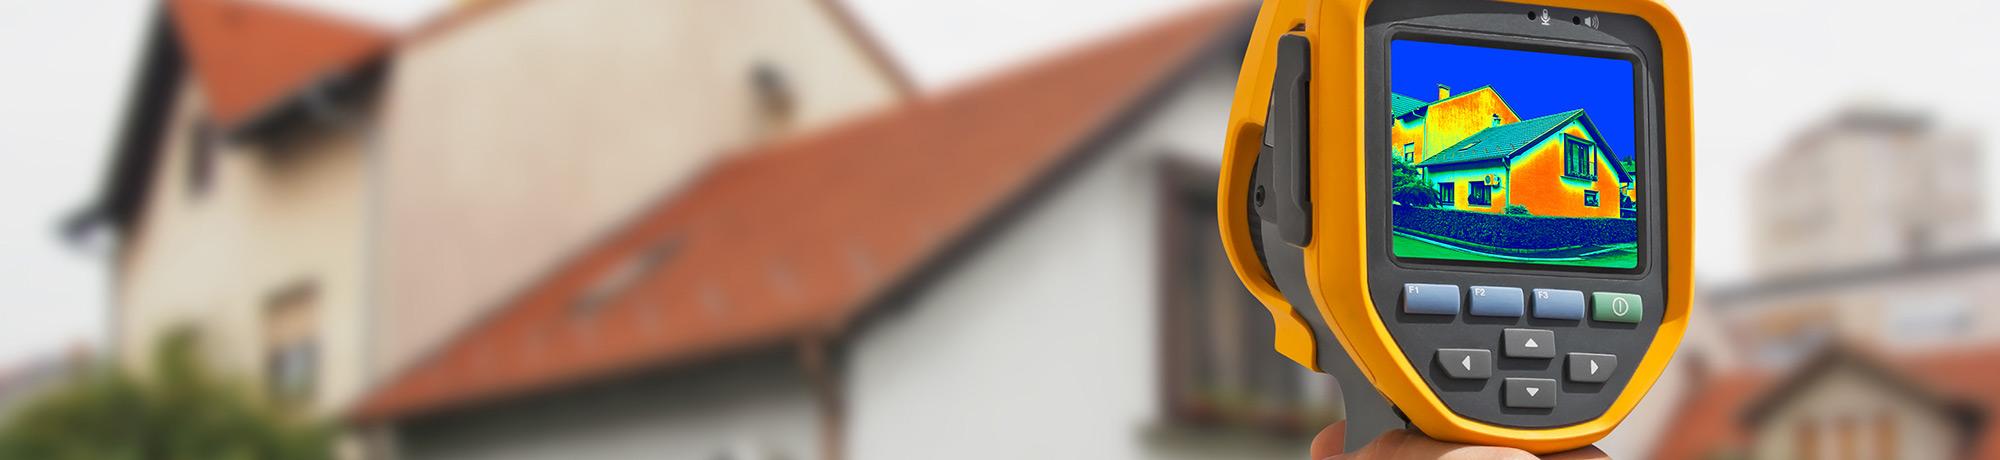 La Termografia all'infrarosso nell'edilizia Iscriviti alla Newsletter